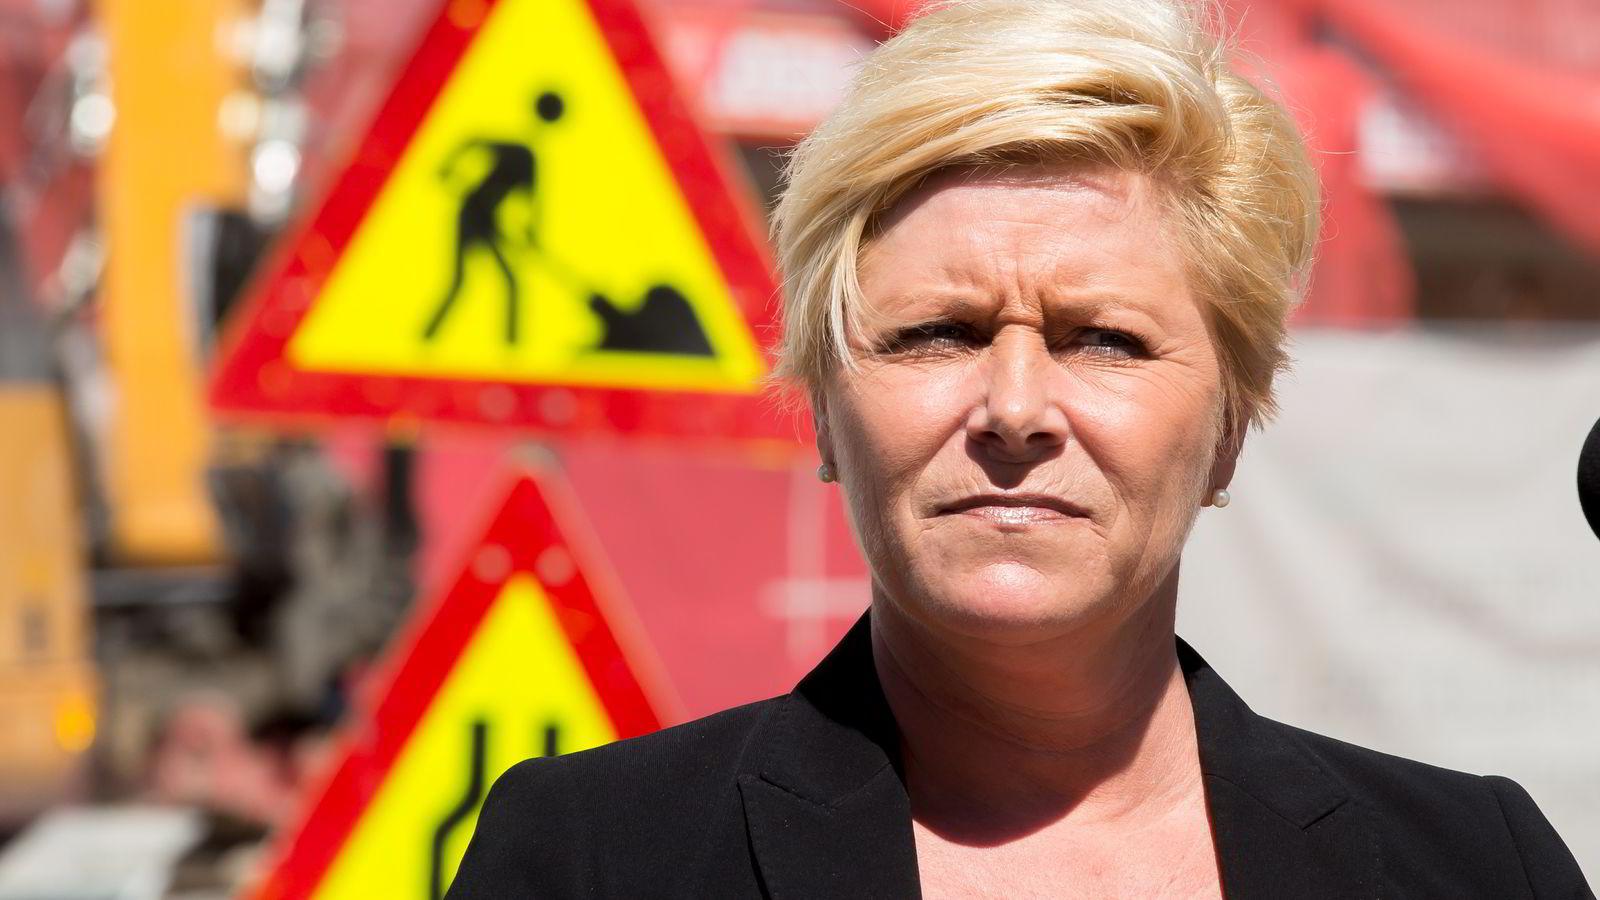 MED TILTAK. Finansminister Siv Jensen under fremleggelsen av Regjeringens strategi for boligmarkedet.               Foto: Cornelius Poppe /